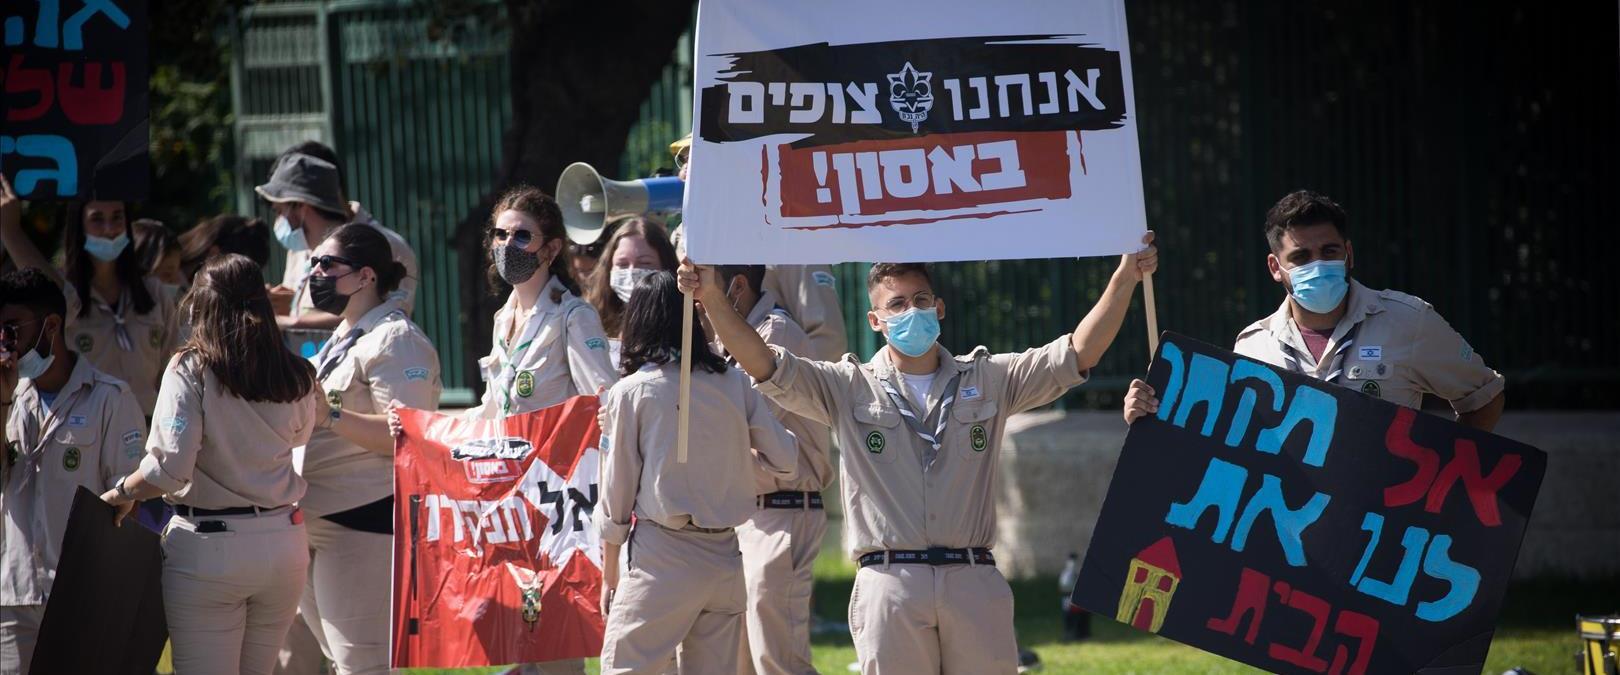 הפגנה של פעילי הצופים מחוץ לכנסת